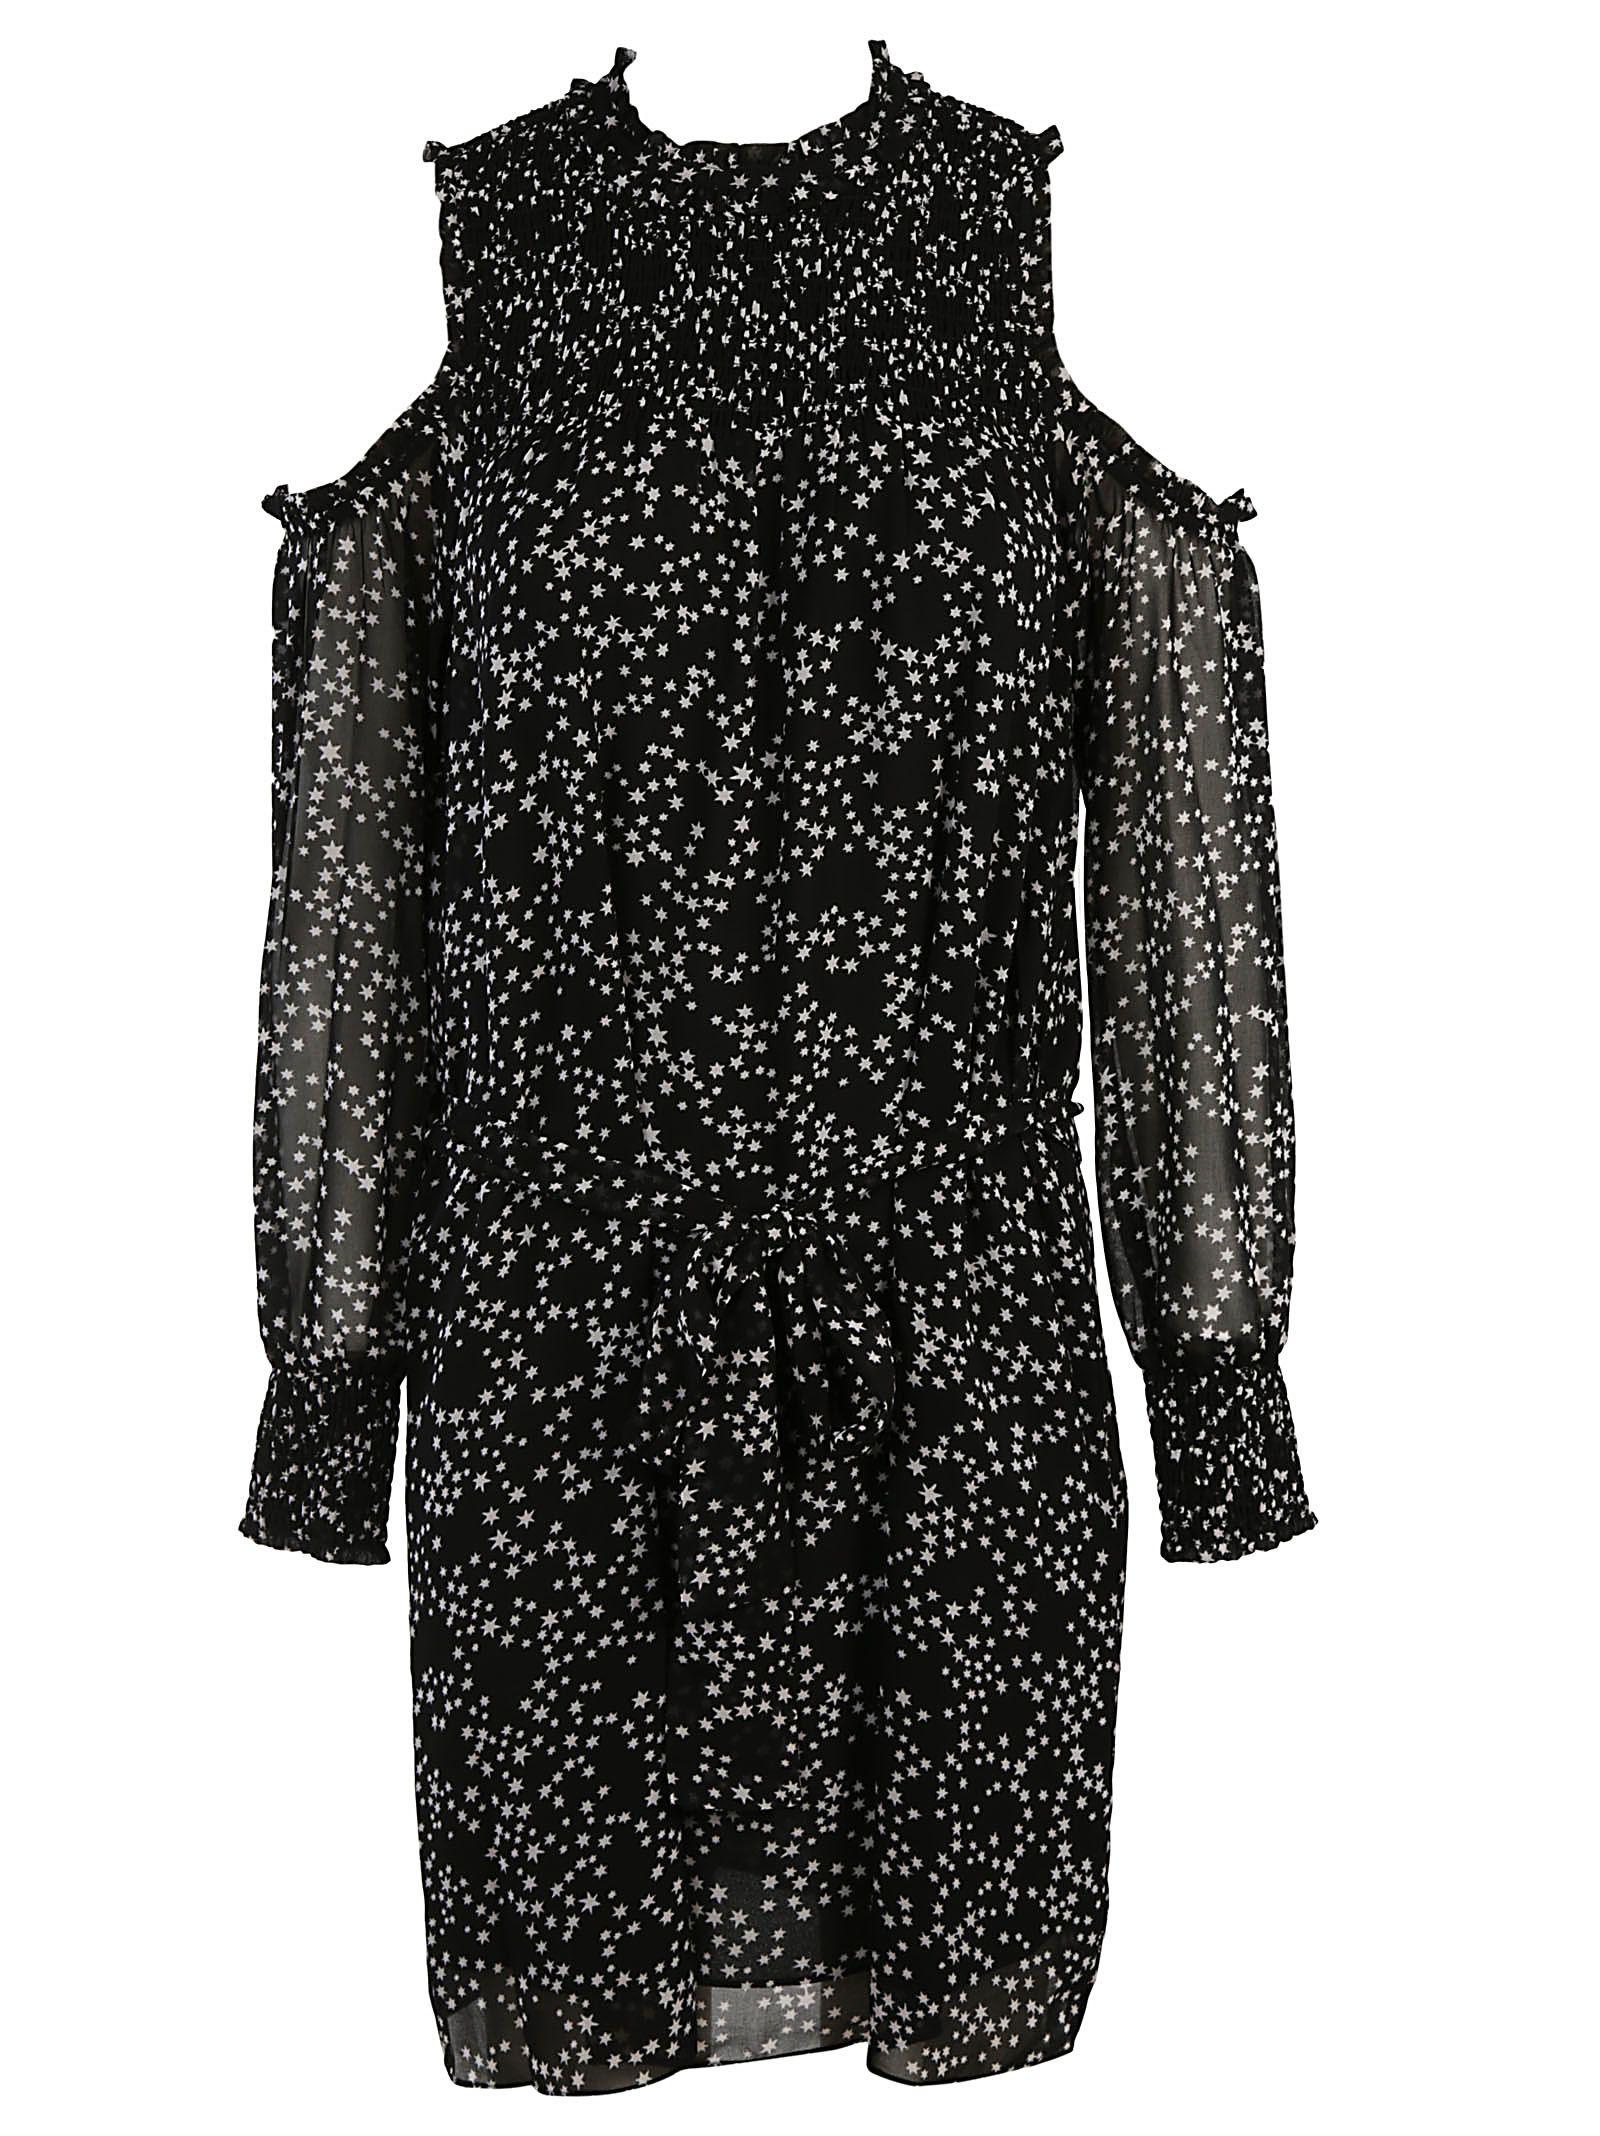 Michael Kors Star Print Cold Shoulder Dress